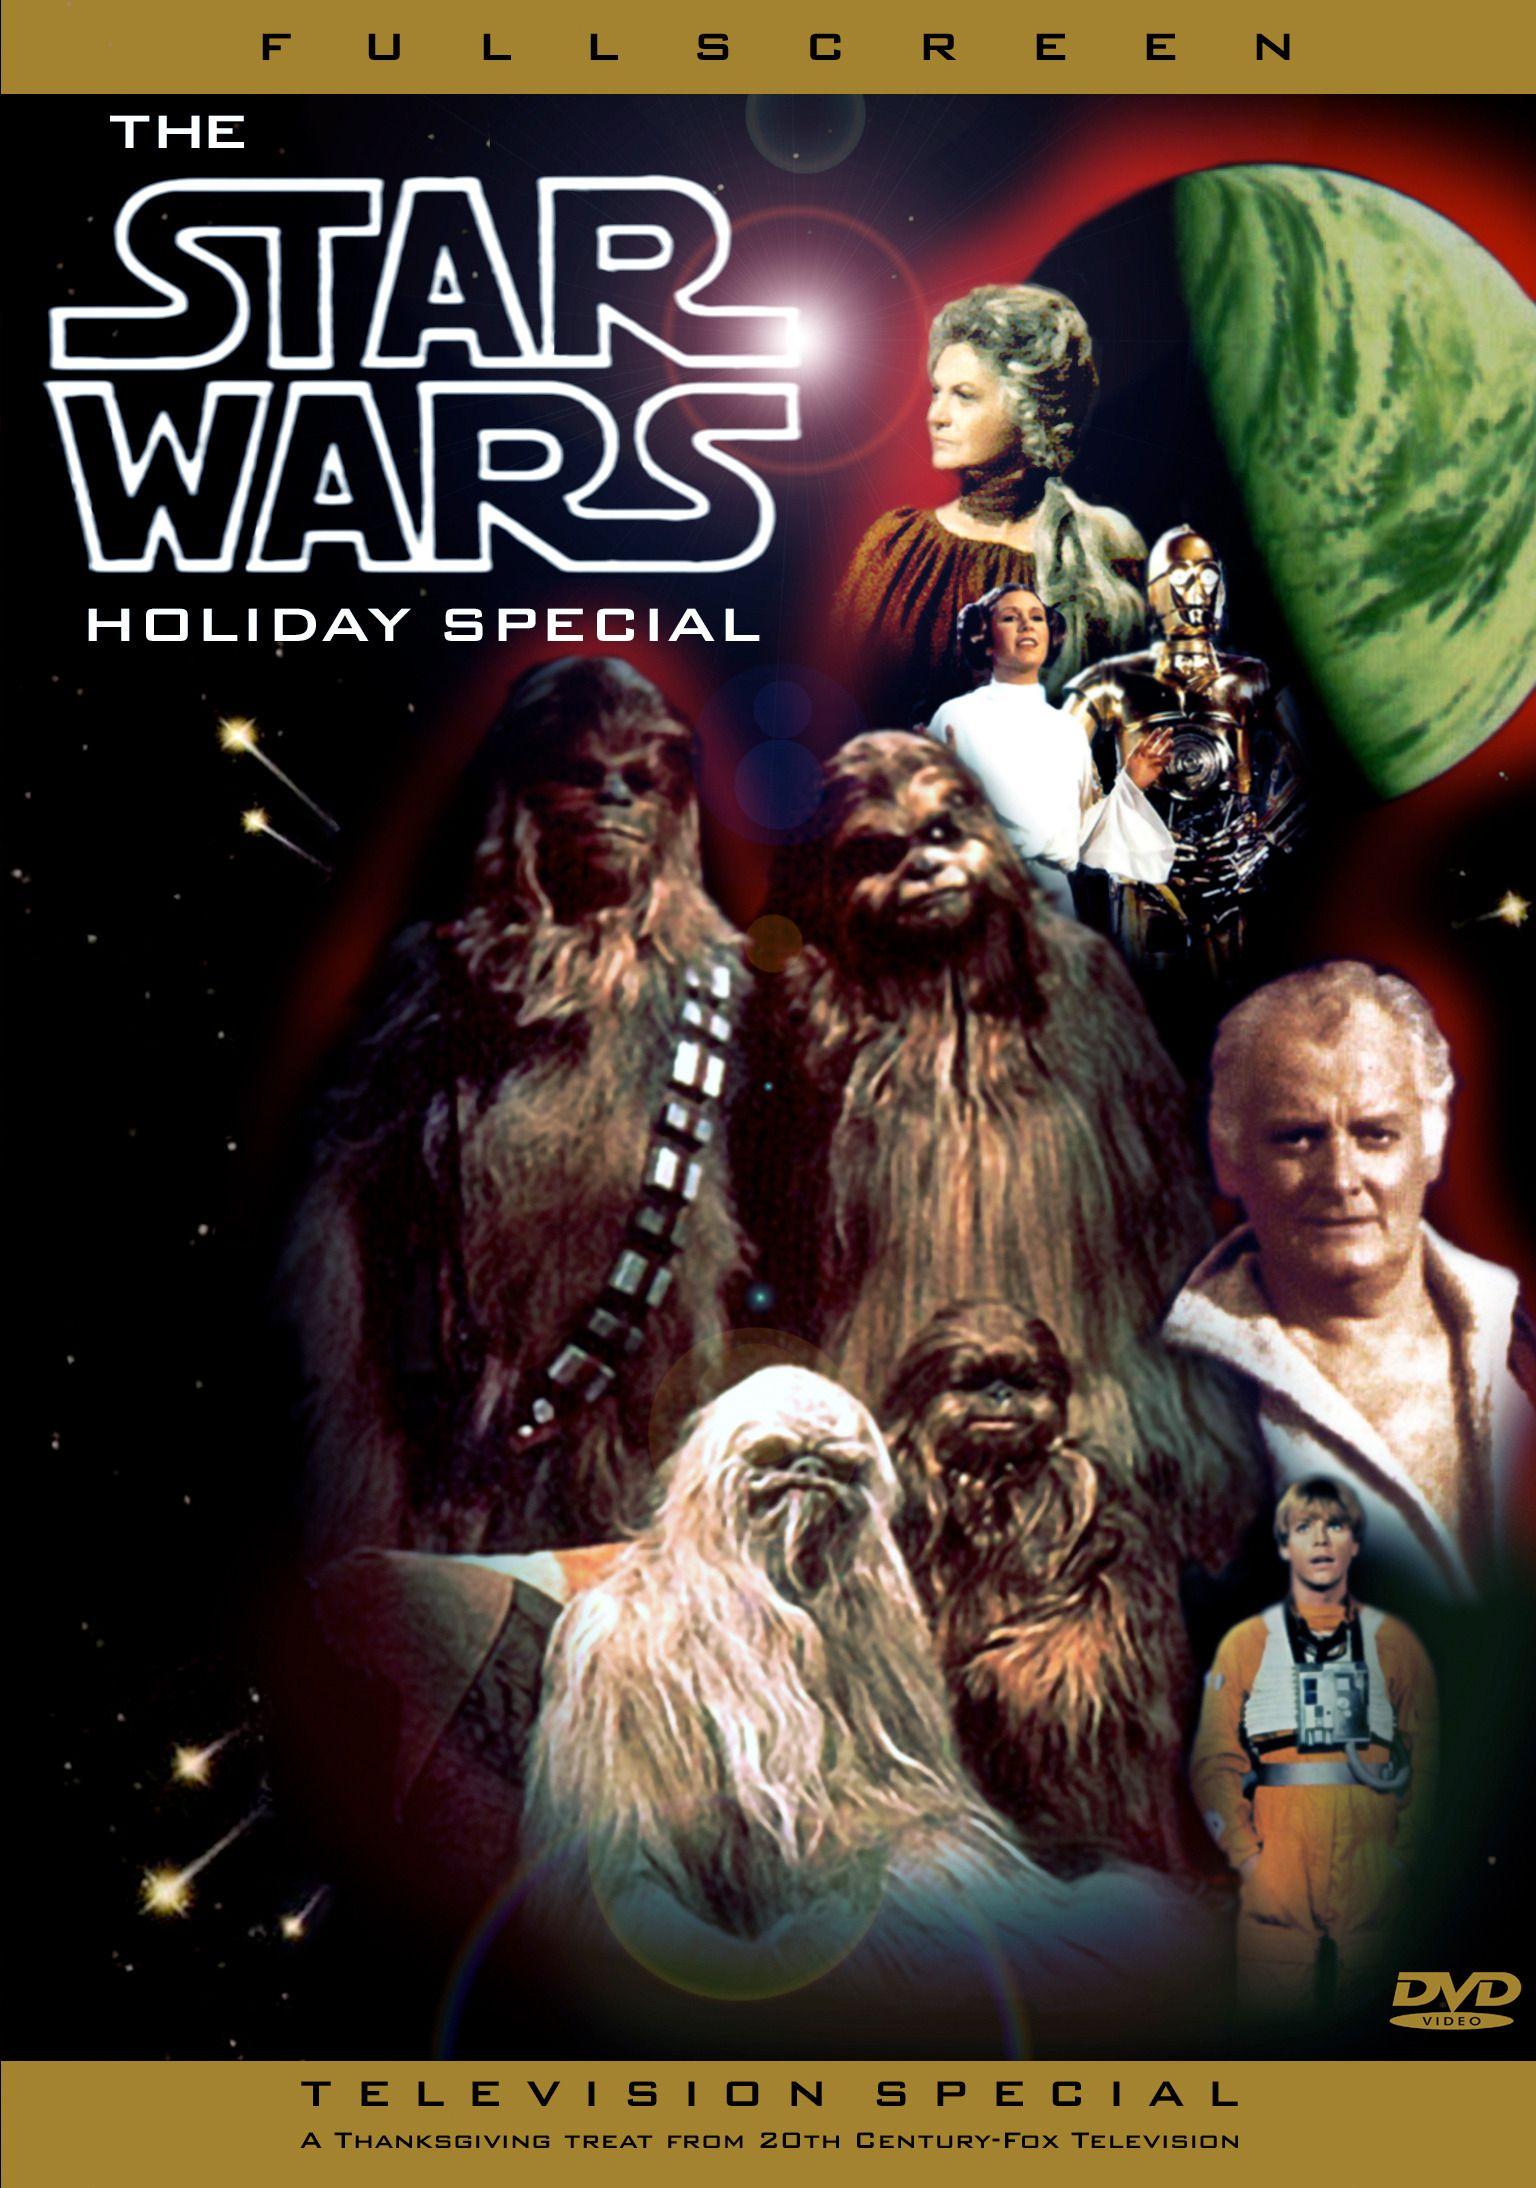 Star Wars Christmas Special Xkoxxeid Jpg 1536 2188 Ver Peliculas Online Películas Completas Ver Películas